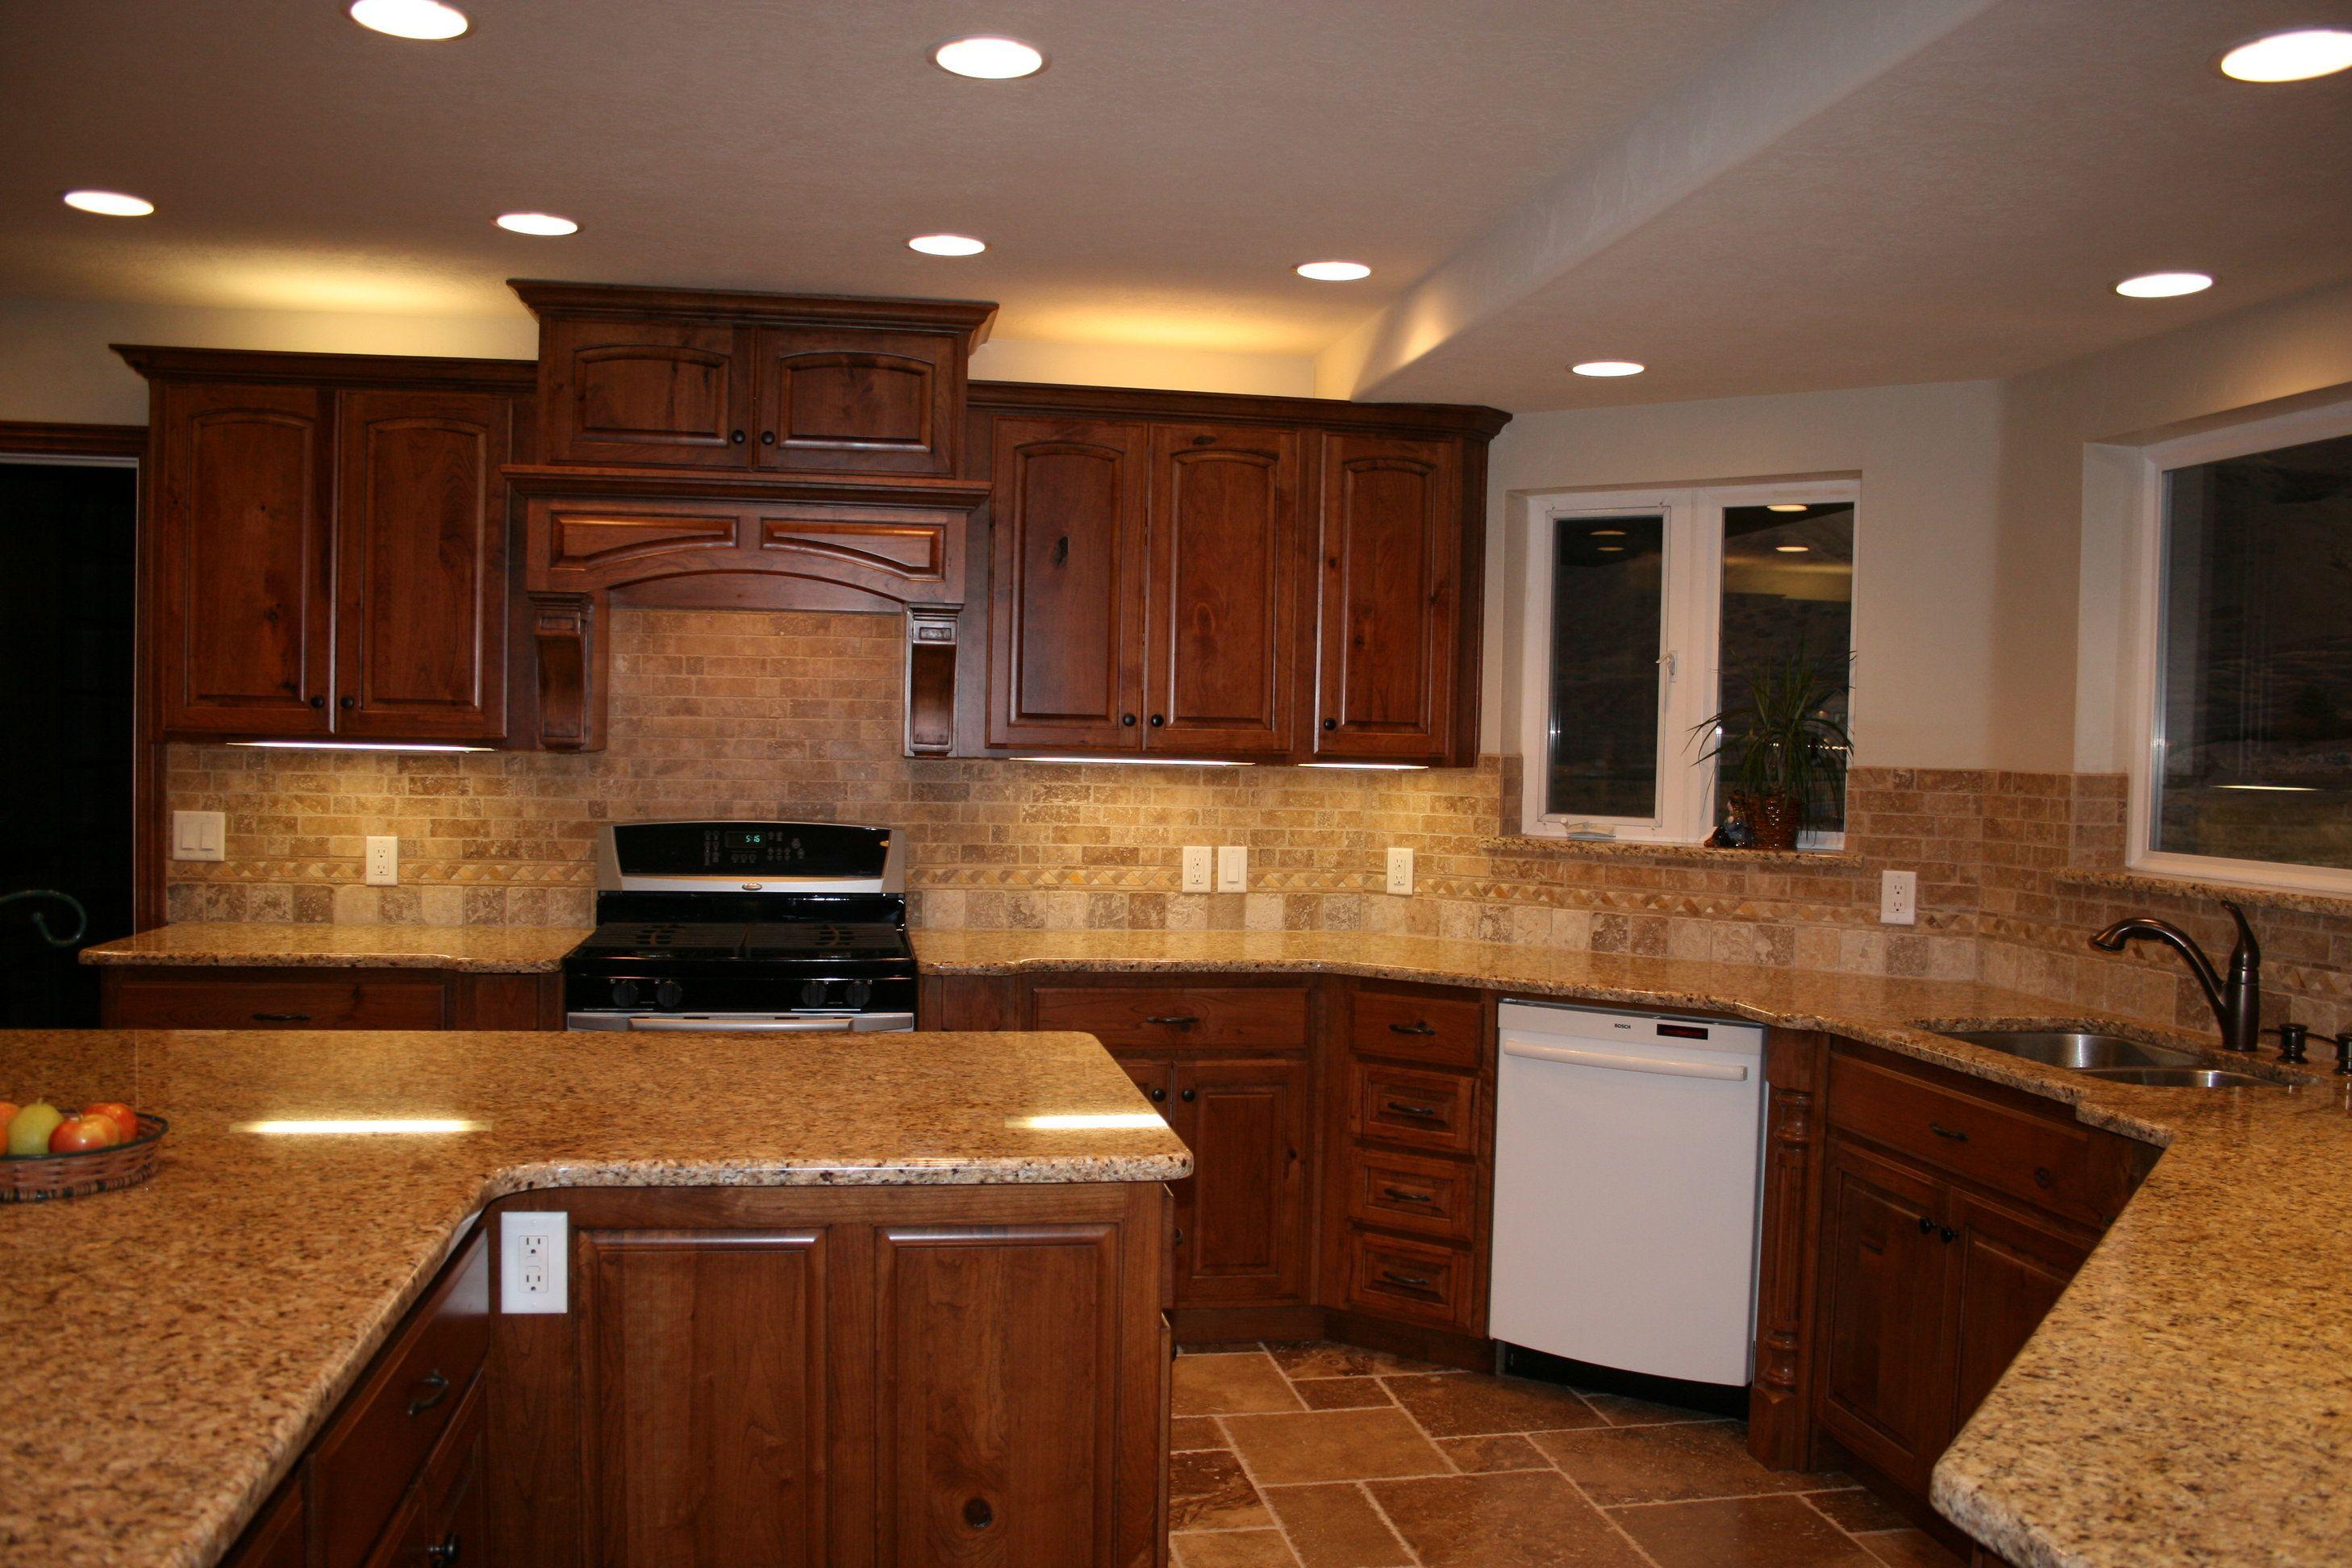 Kitchen The Stunning Kitchen Design With Kitchen